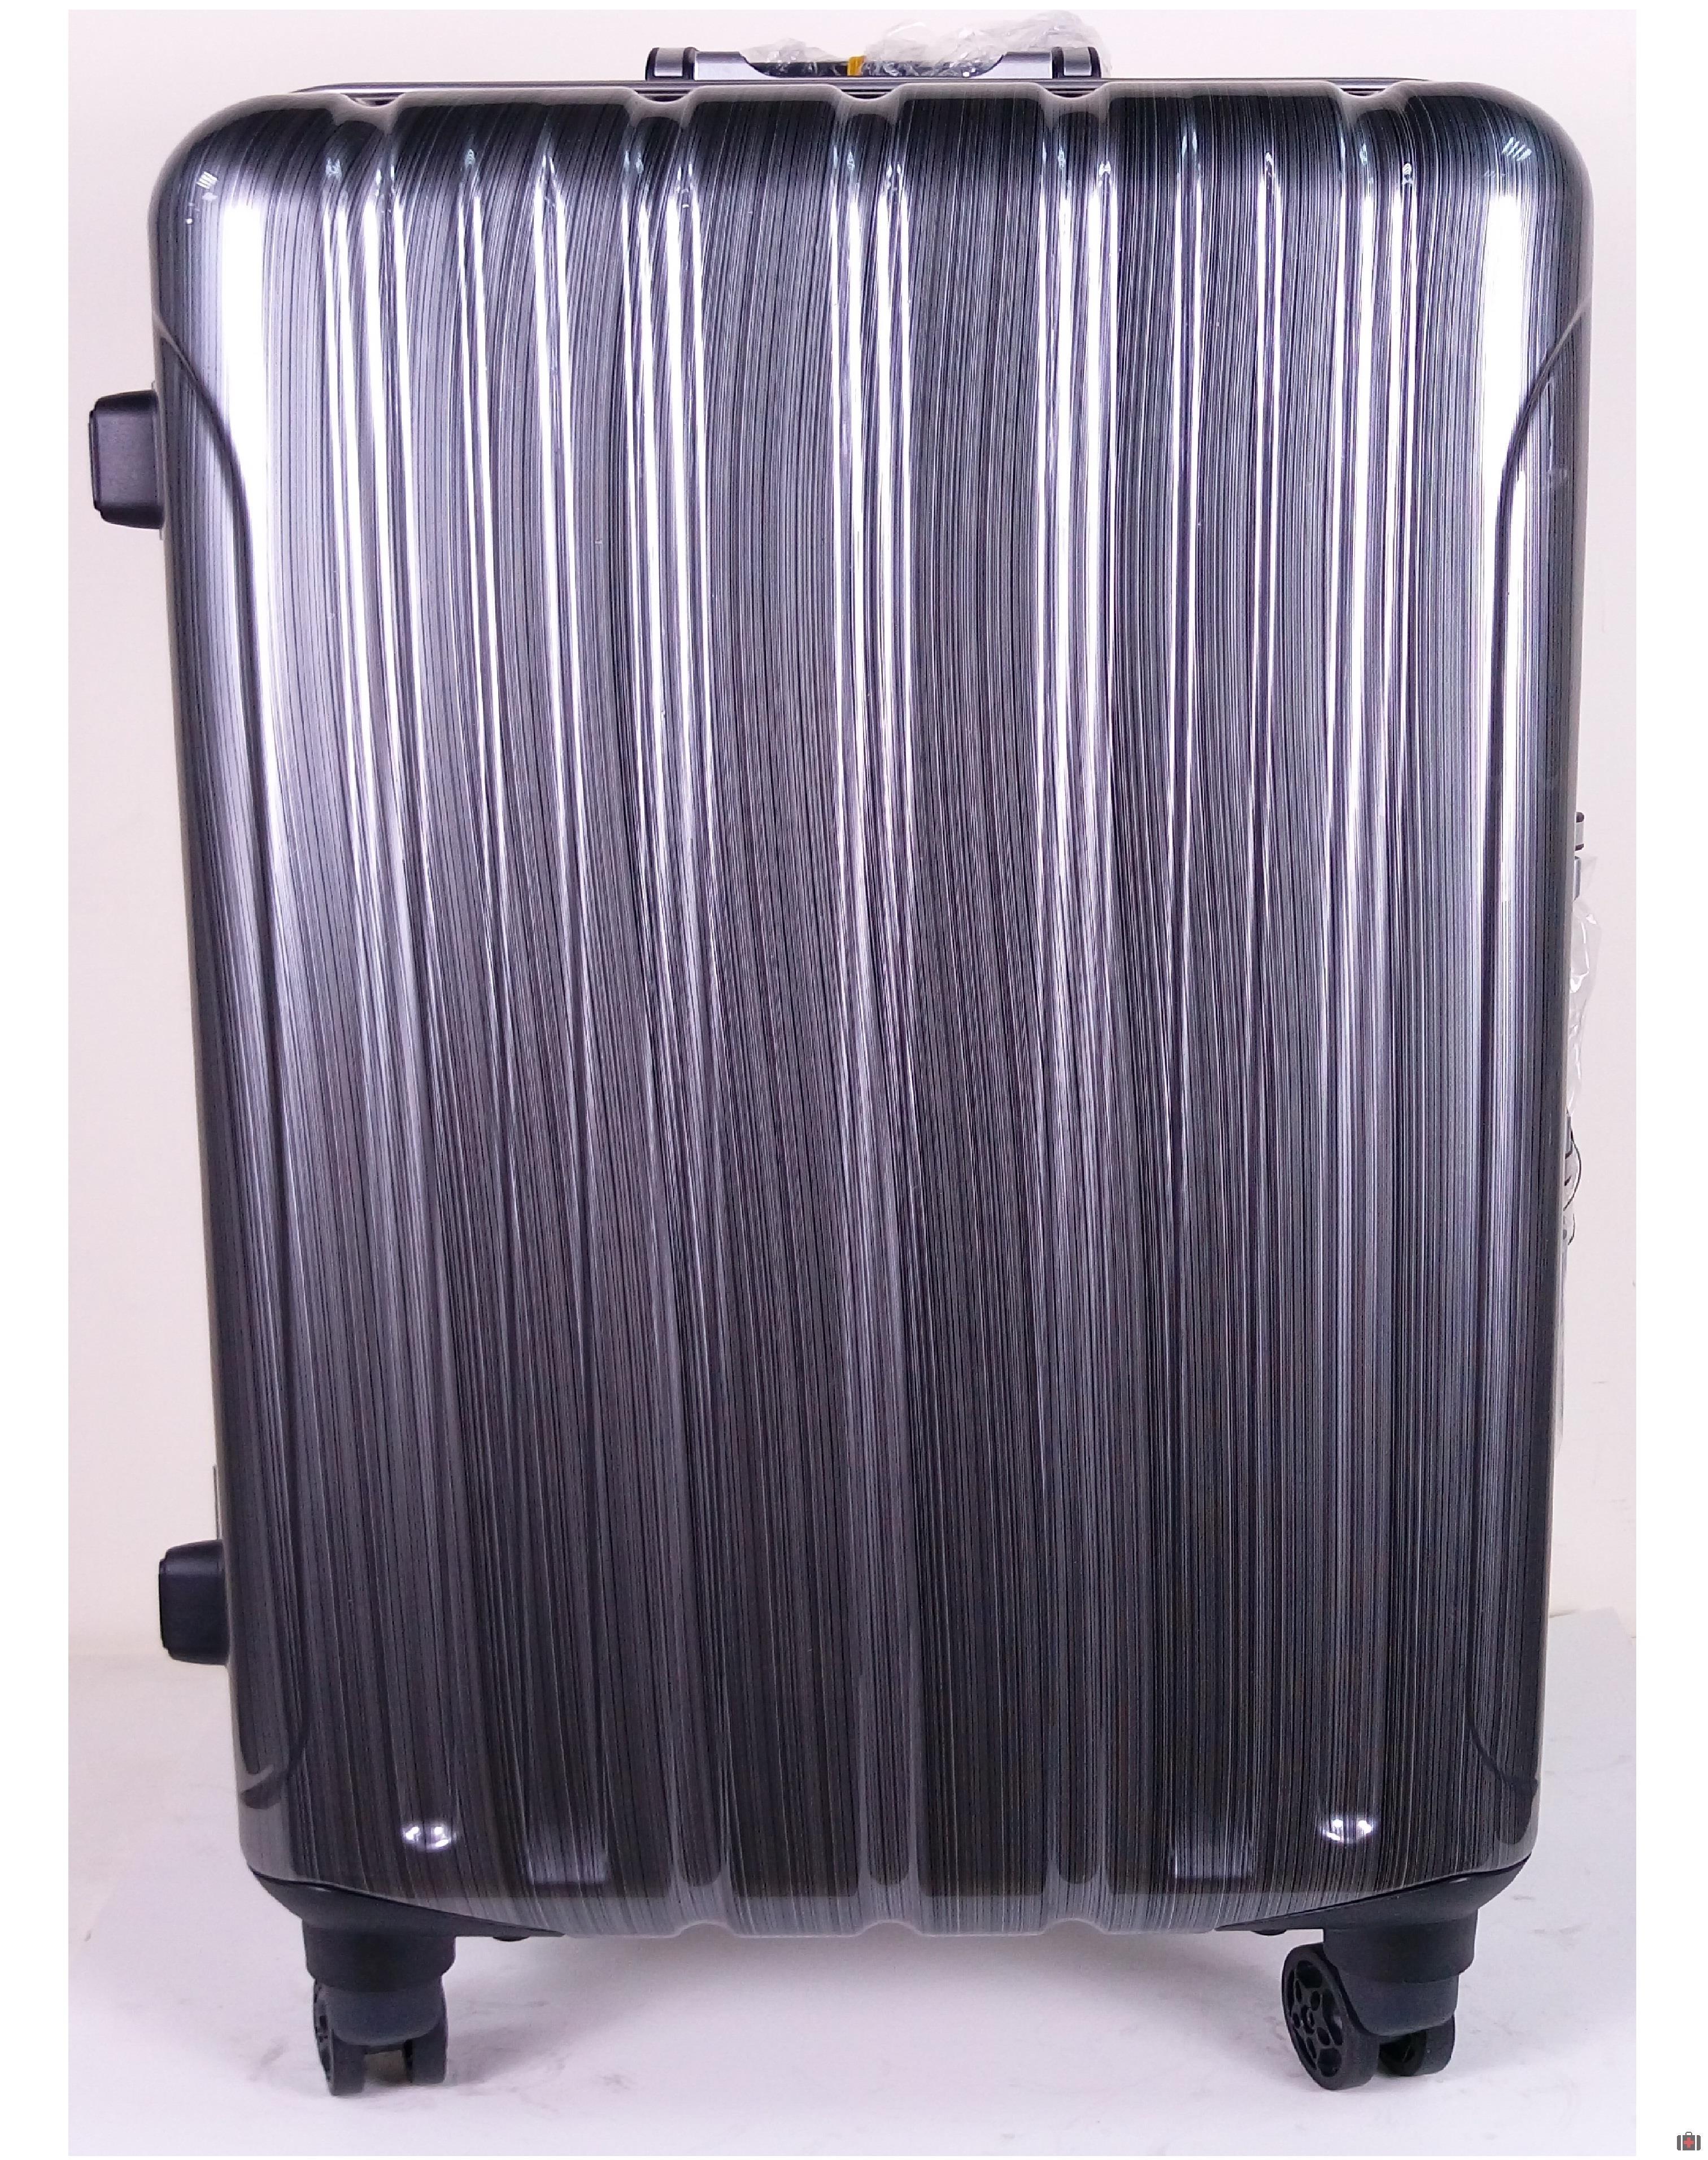 鋁框髮絲紋黑